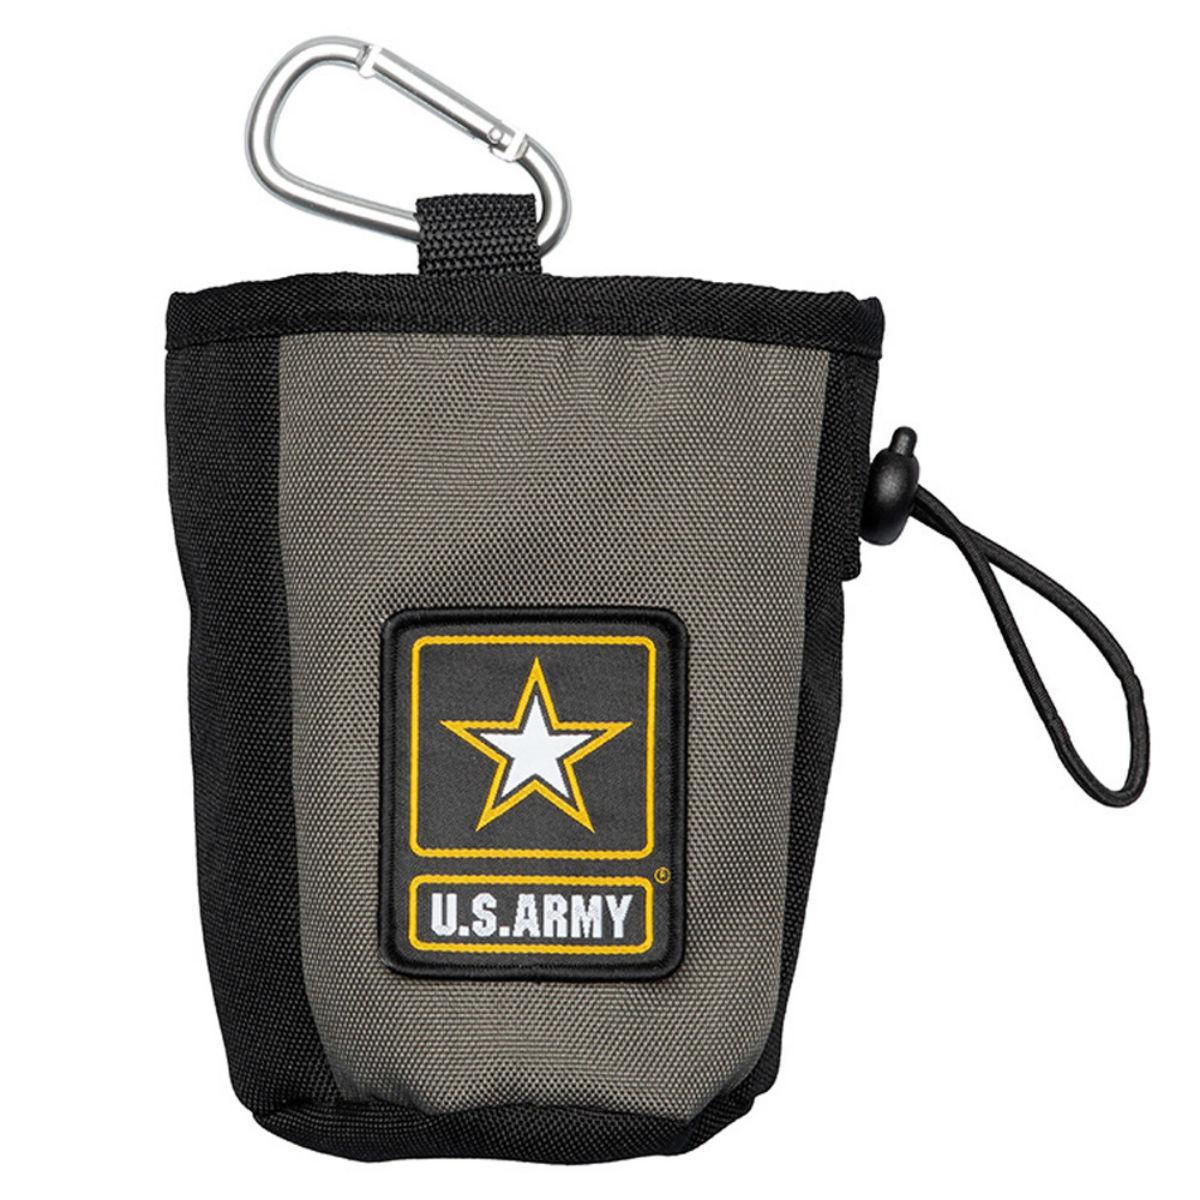 US. Army Dog Treat Bag